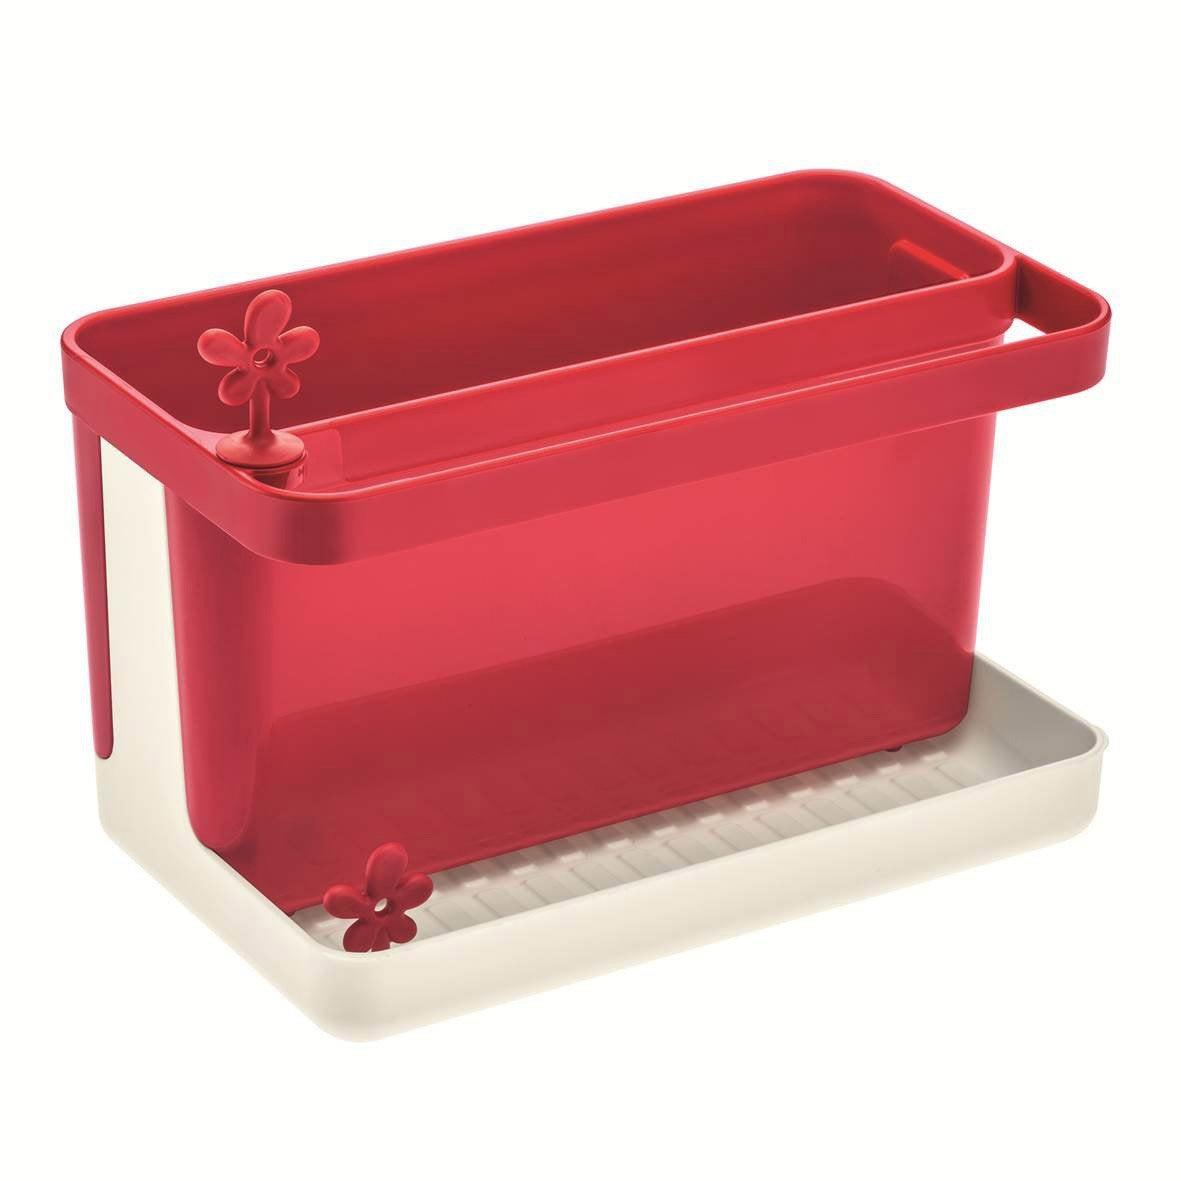 Bac rangement évier plastique rouge-rouge n°3